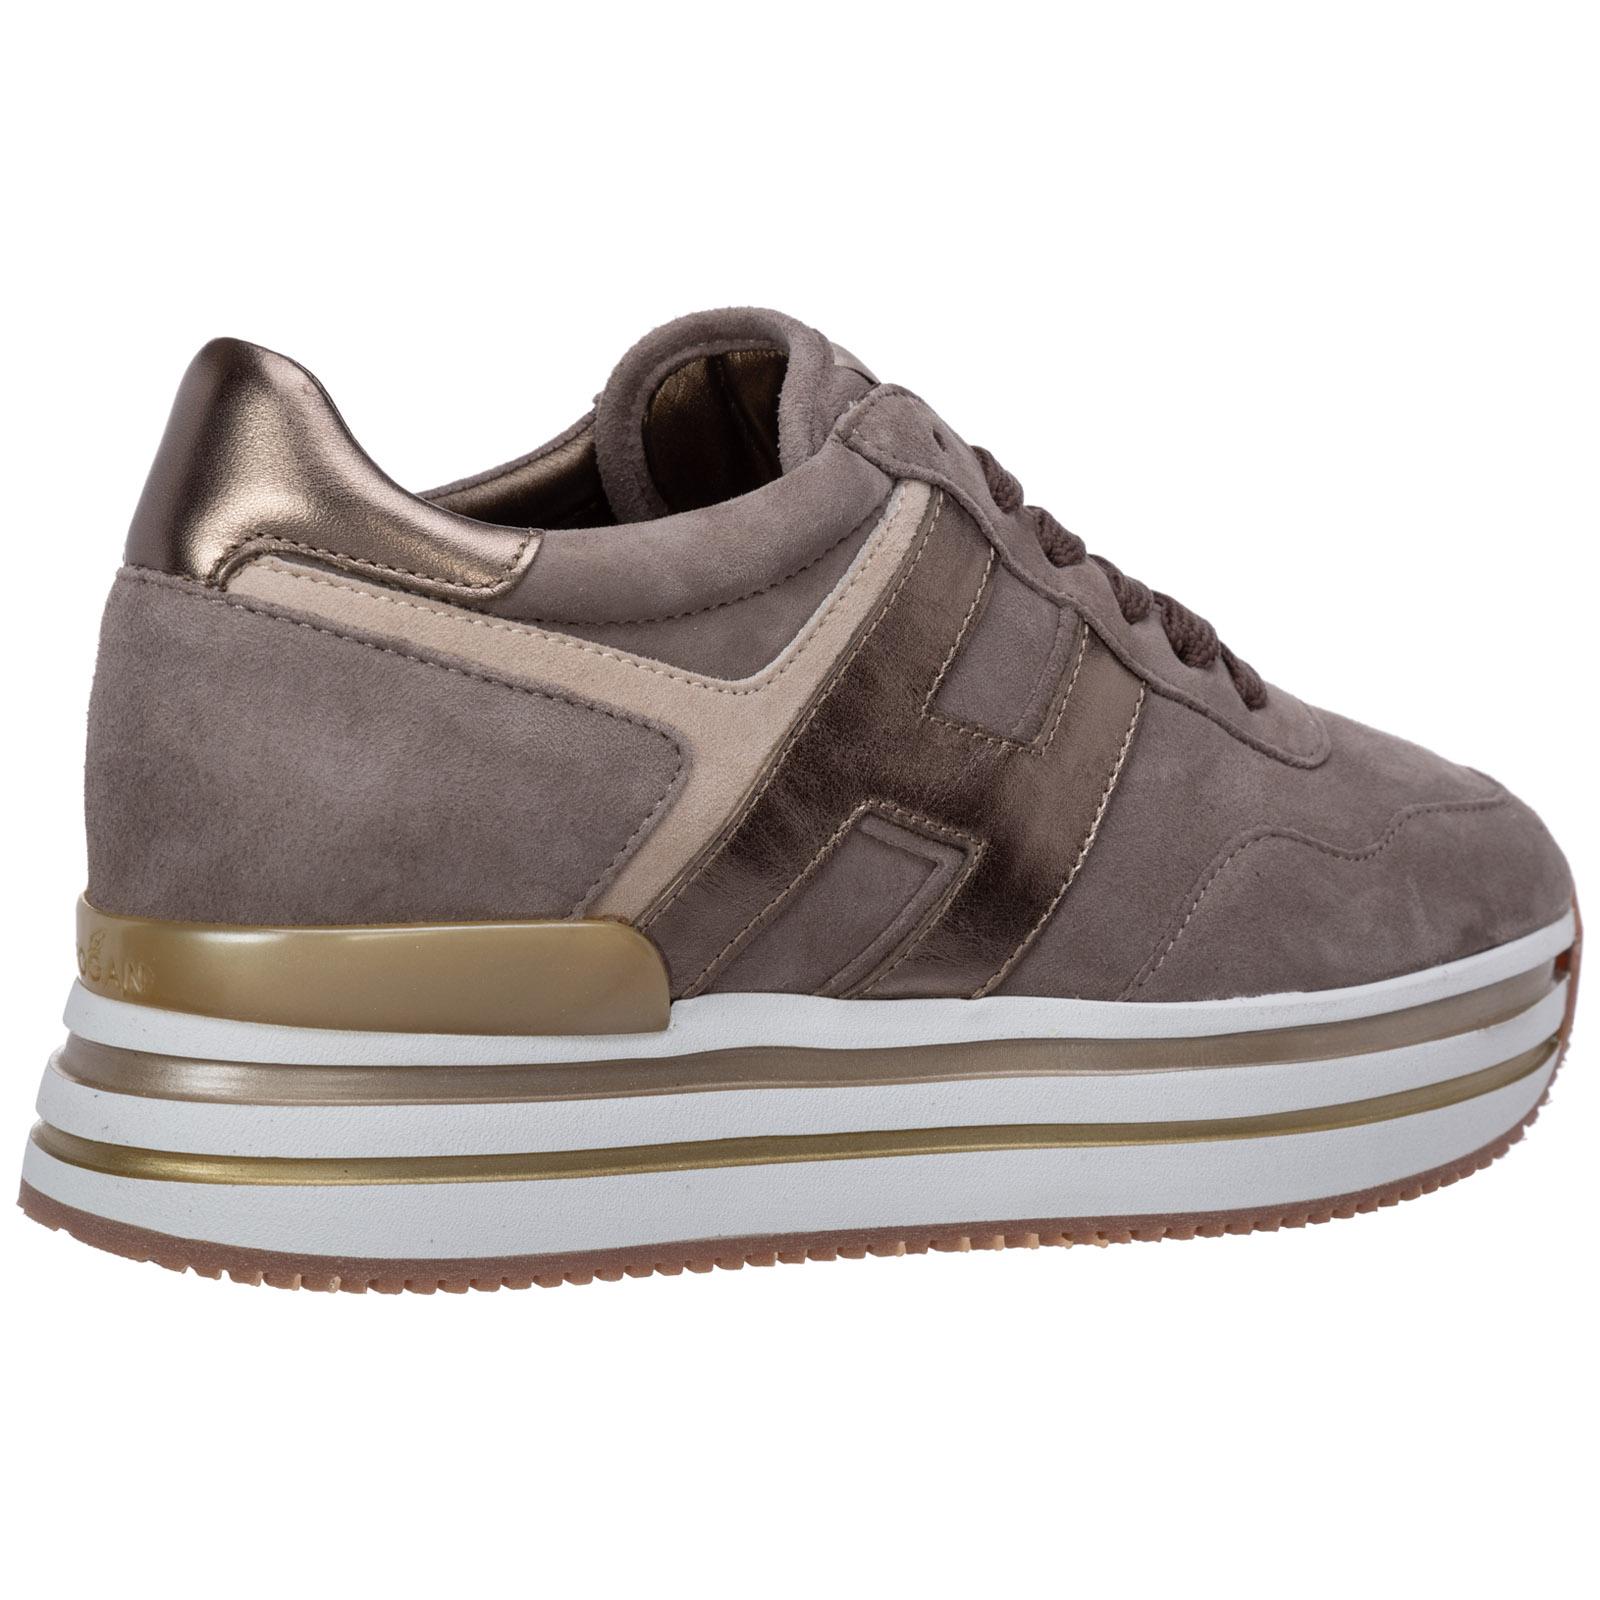 Sneakers Hogan midi platform